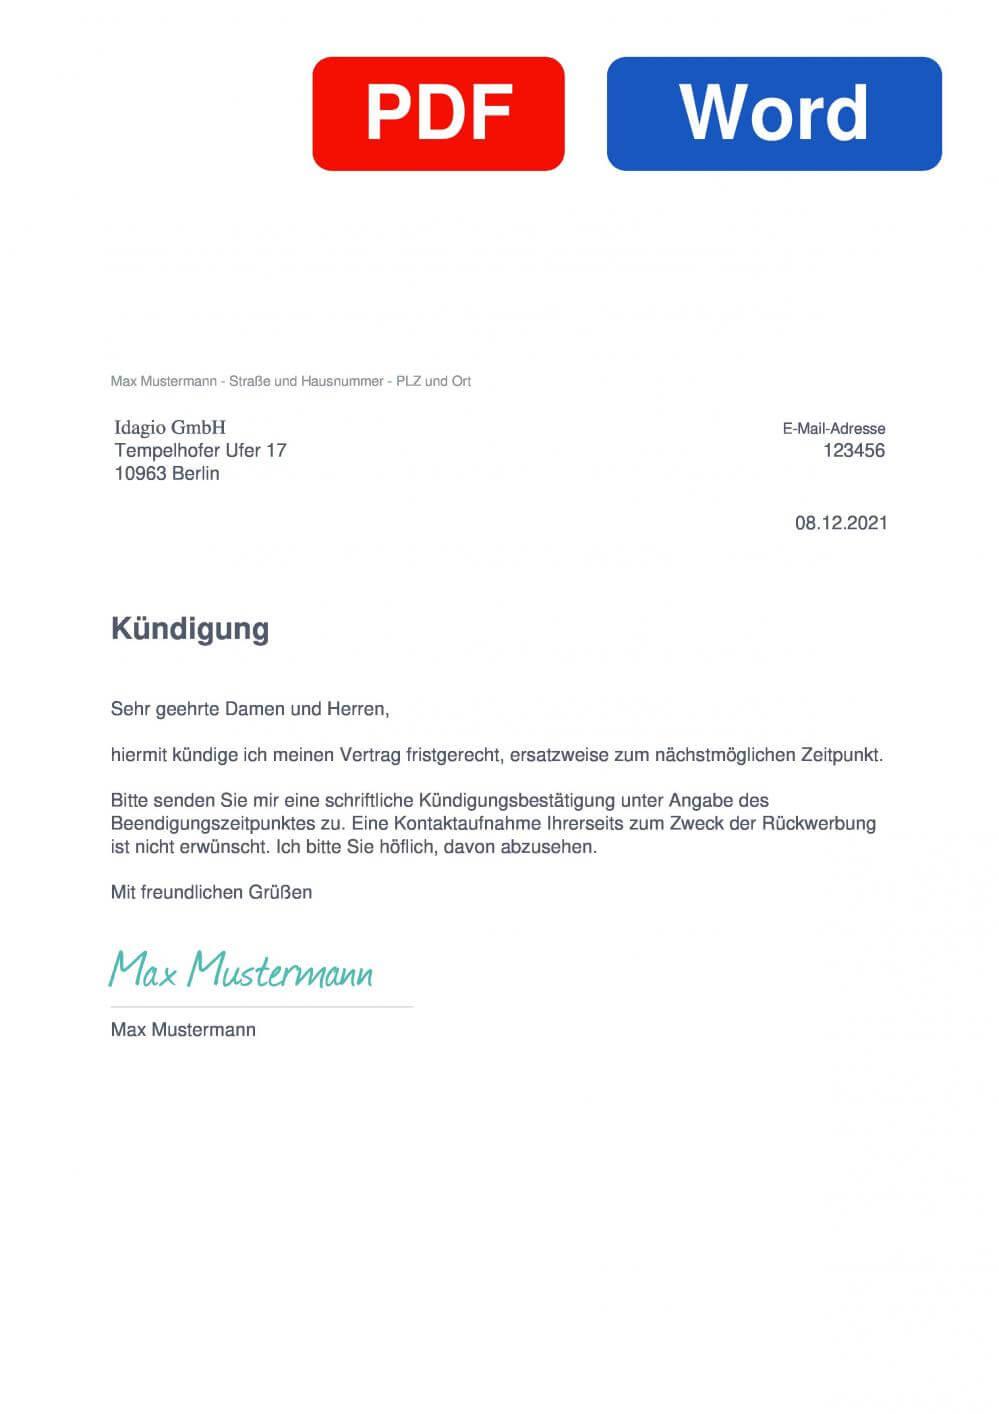 Idagio Muster Vorlage für Kündigungsschreiben